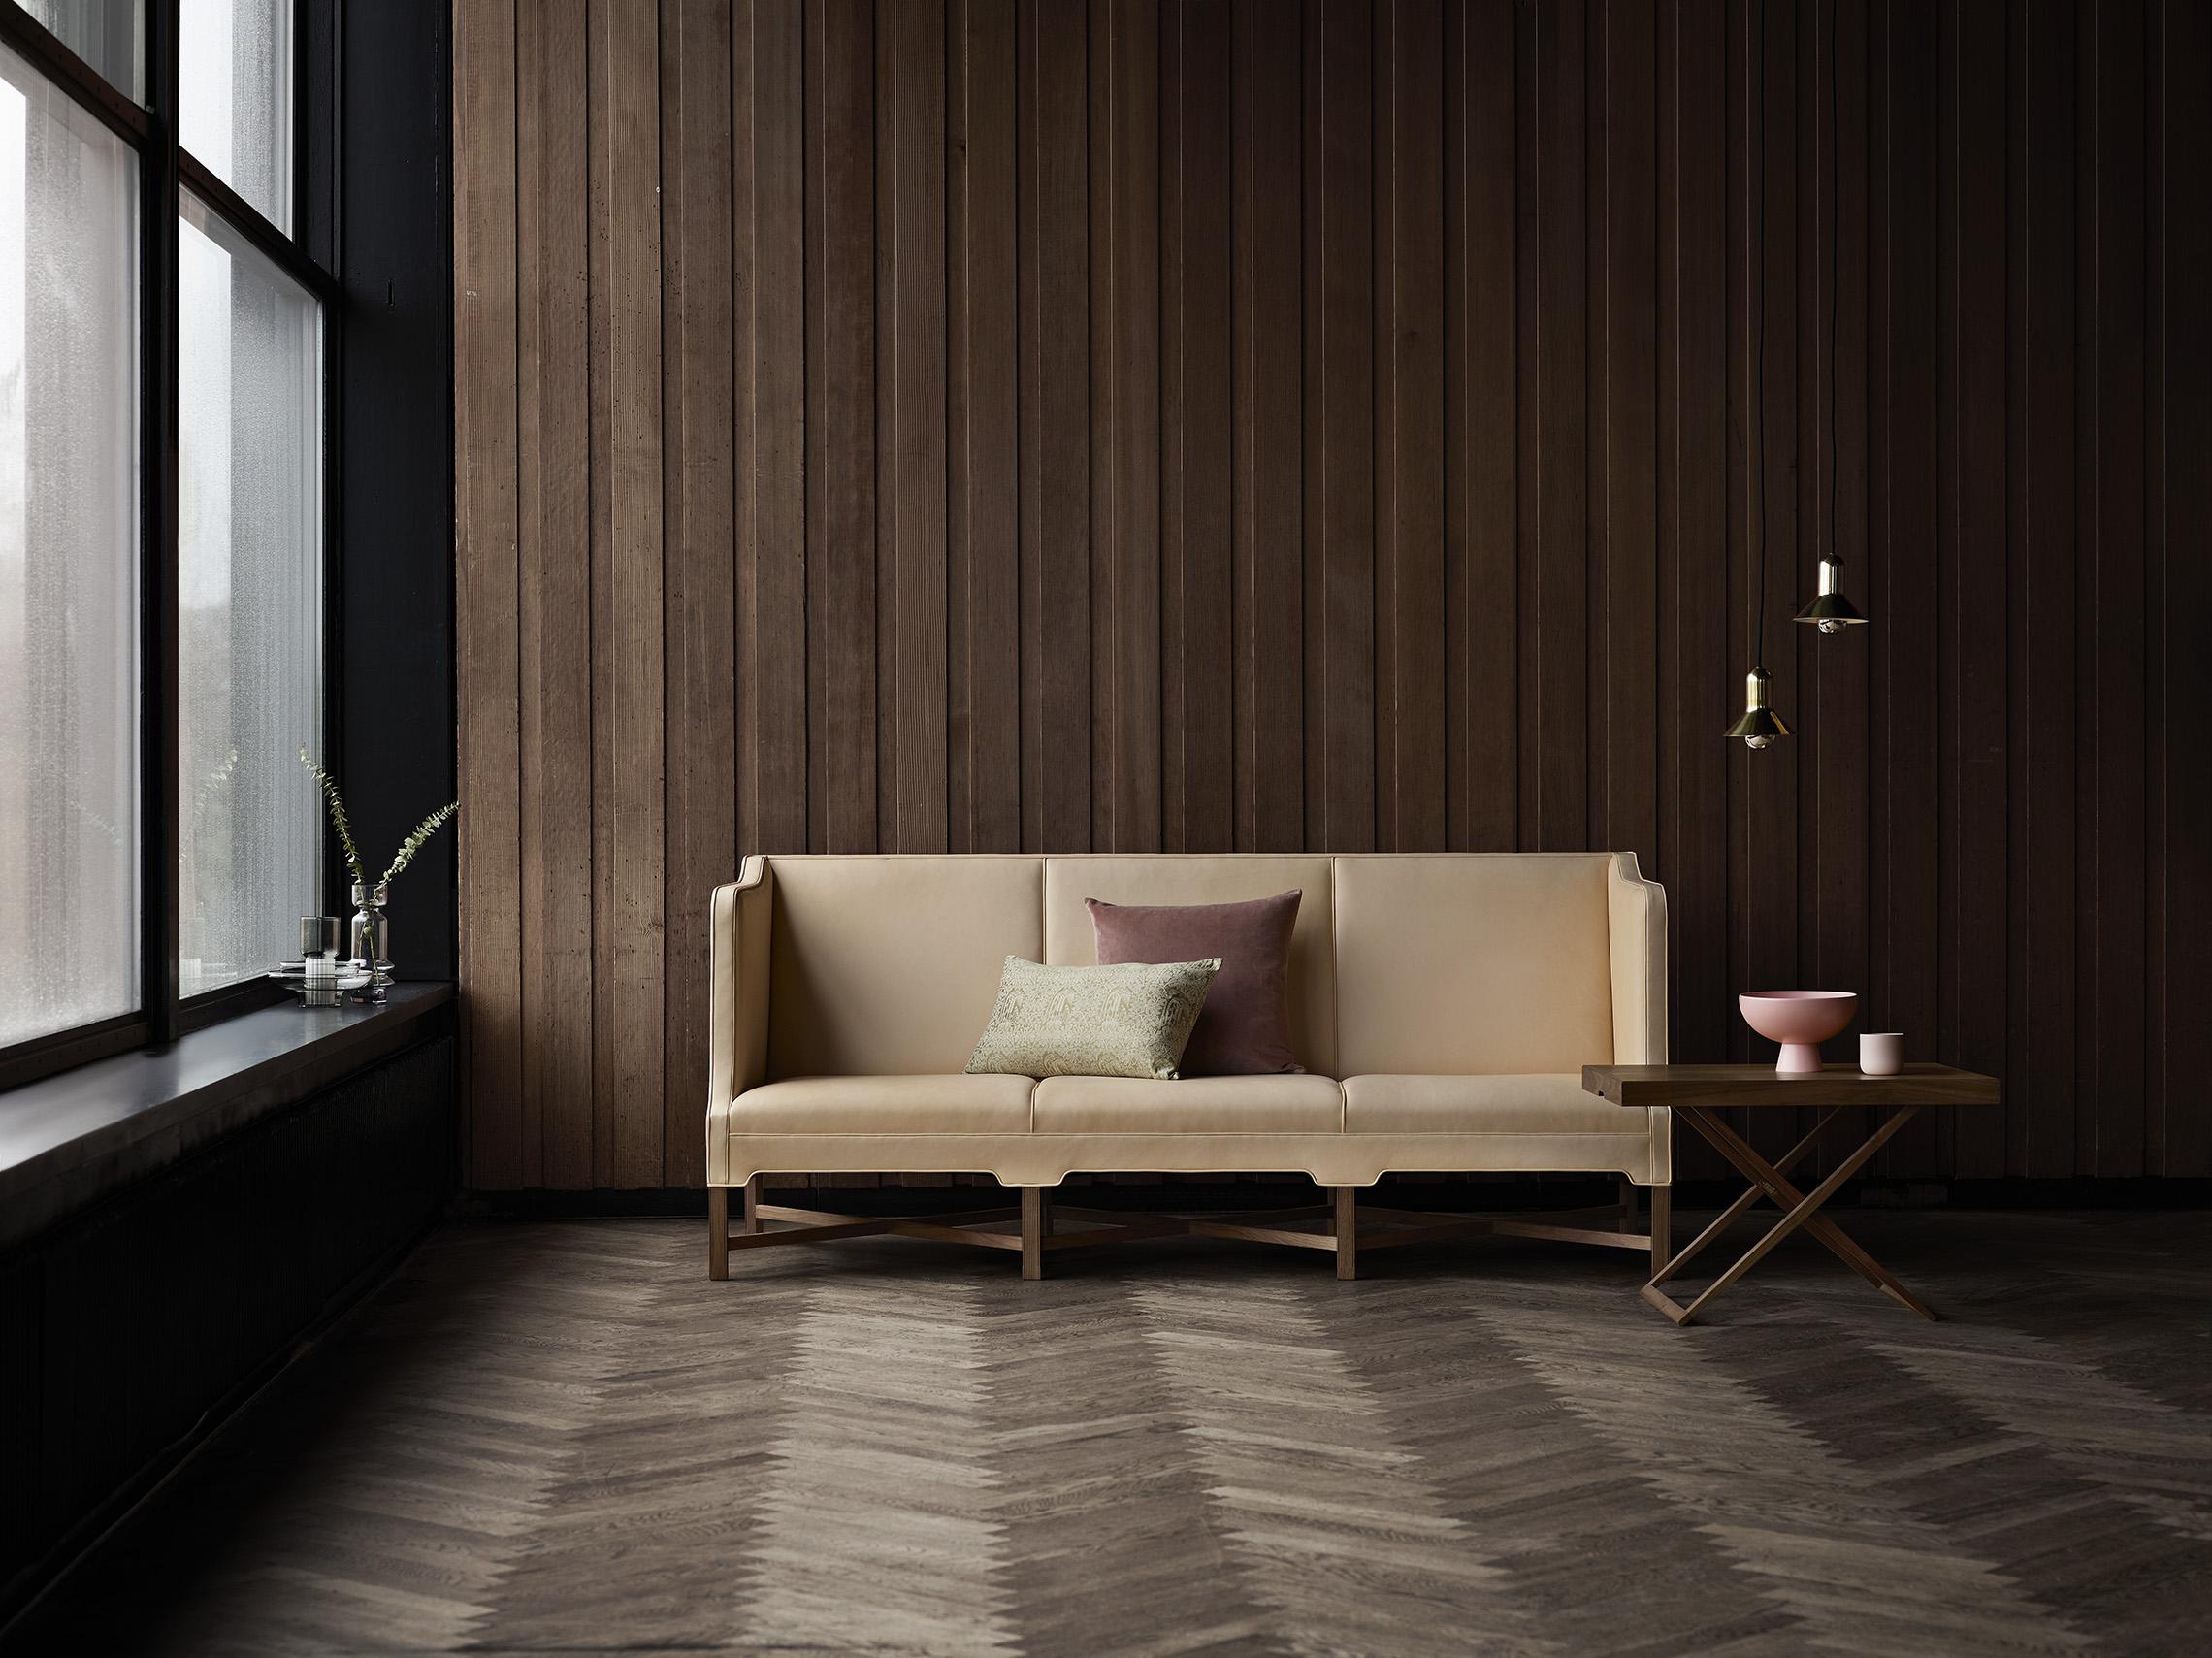 Klint_KK41181-Sofa-Walnut-Sif90_MK98860-Coffe-Table-Walnut.jpg